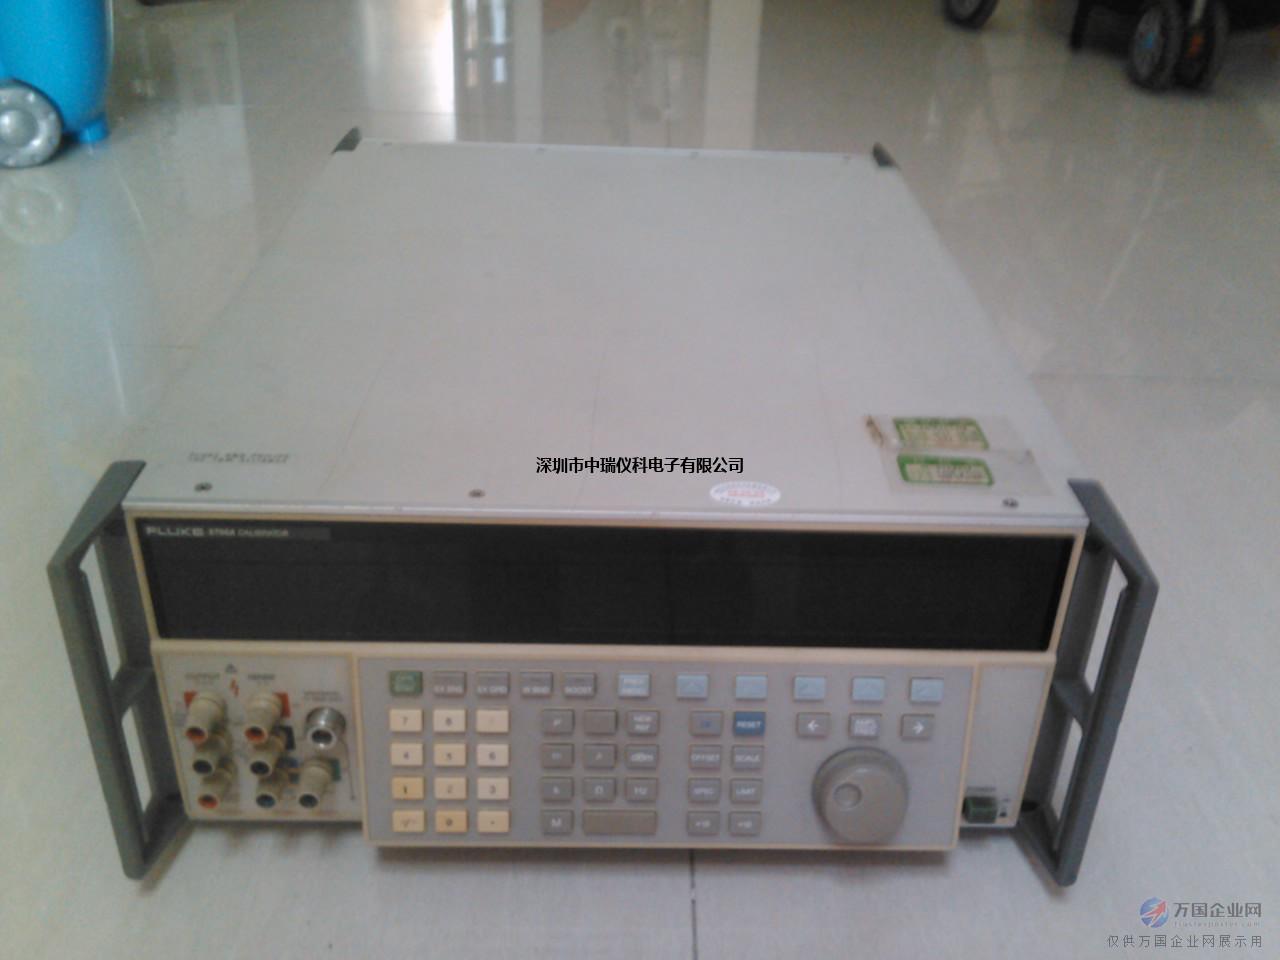 fluke5700a高精度多功能校准仪